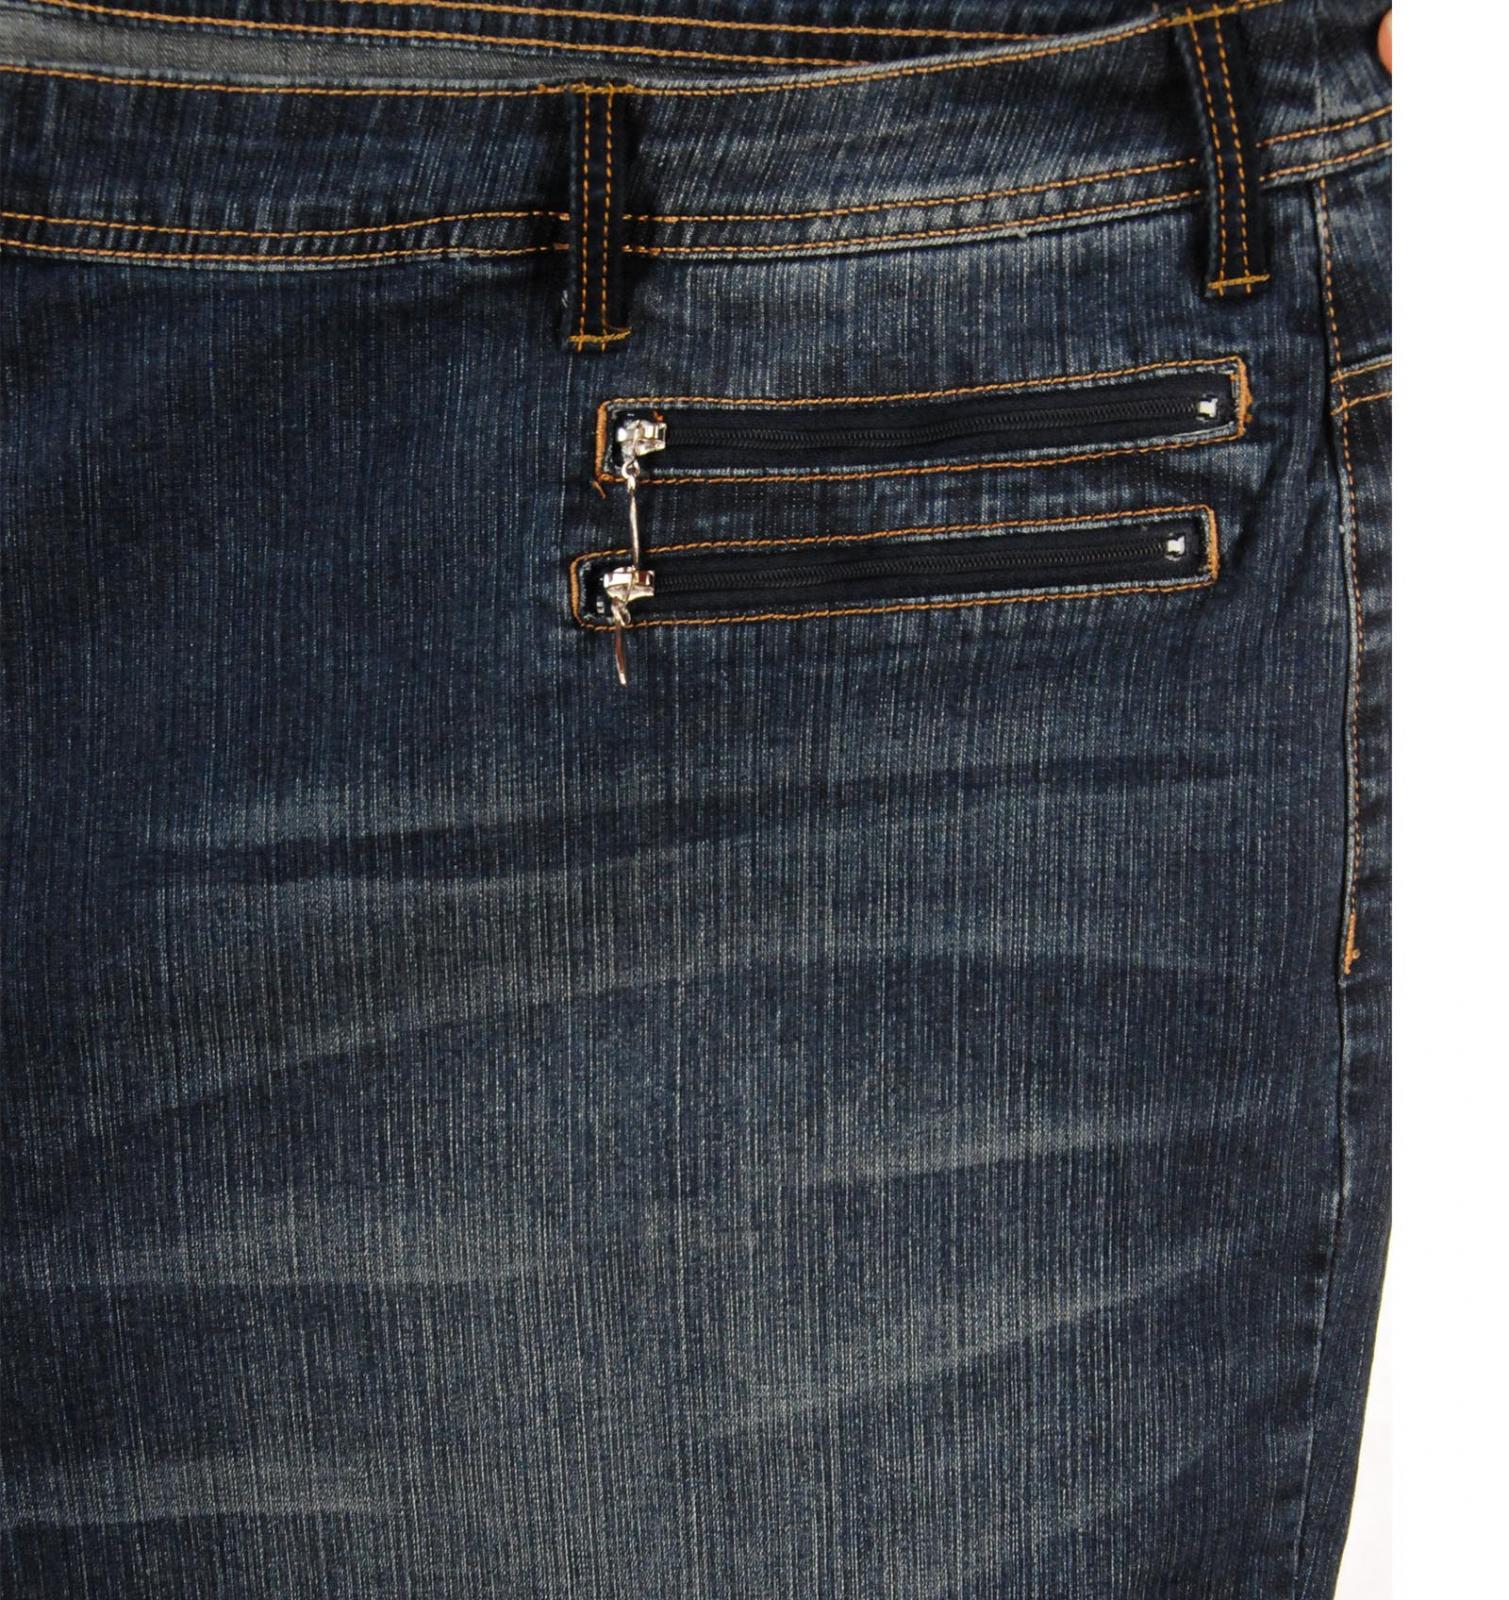 ОЧЕНЬ большие джинсы Sheego Denim (Германия) для женщин